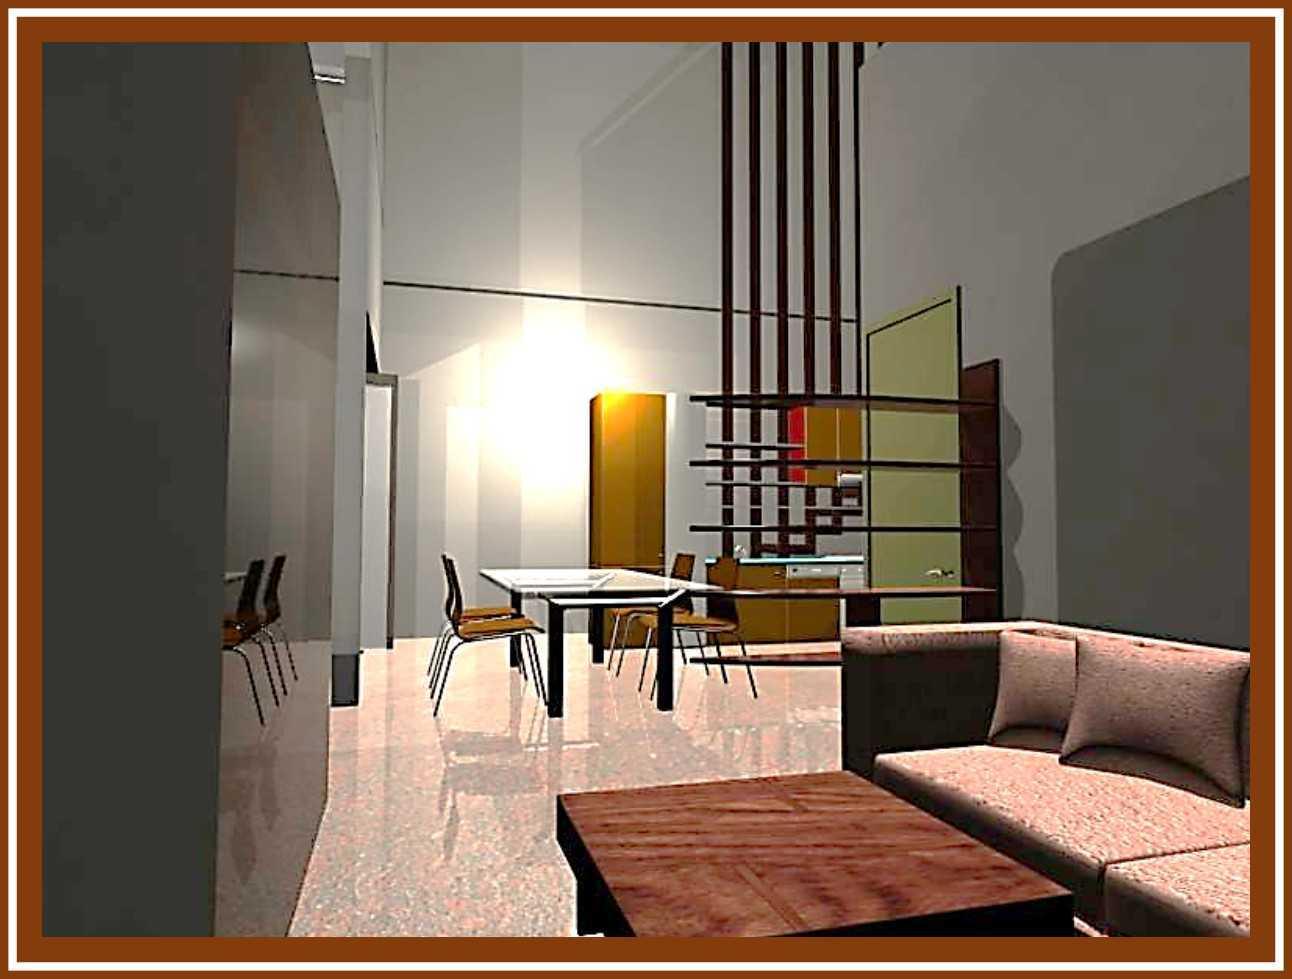 Ideall Design Renovasi Rumah Mezzanine Kec. Pondokgede, Kota Bks, Jawa Barat, Indonesia Kec. Pondokgede, Kota Bks, Jawa Barat, Indonesia Interior Ruang Tamu  114411